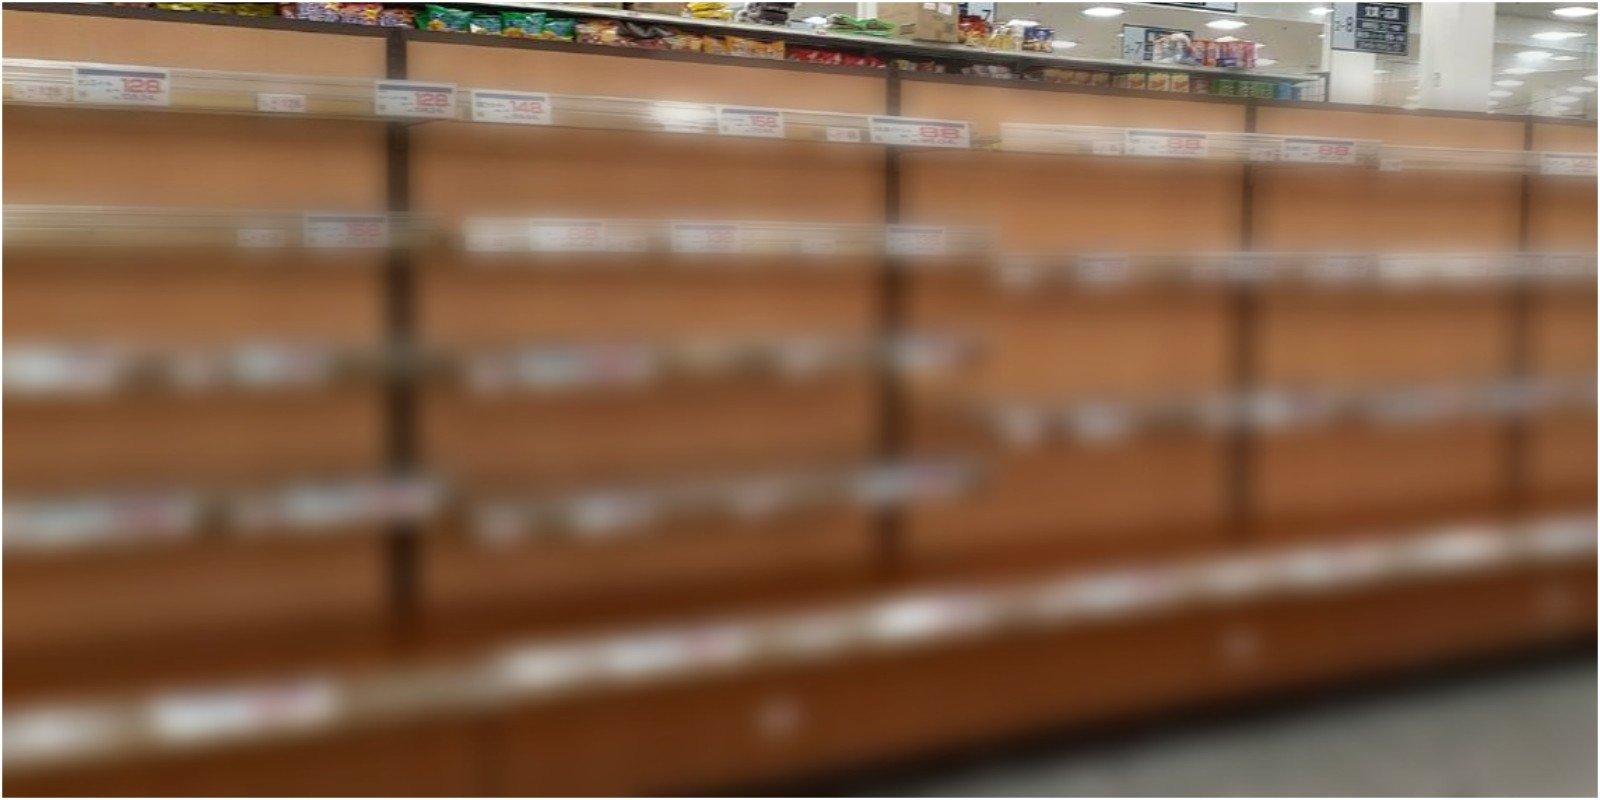 画像,スーパーからパンと水が消えた😱💦💦一緒にご飯してた友達から送られてきた写真💦私はドラッグストアーに寄ったからパンも水もインスタント食品も確保出来た。今度の台風ま…